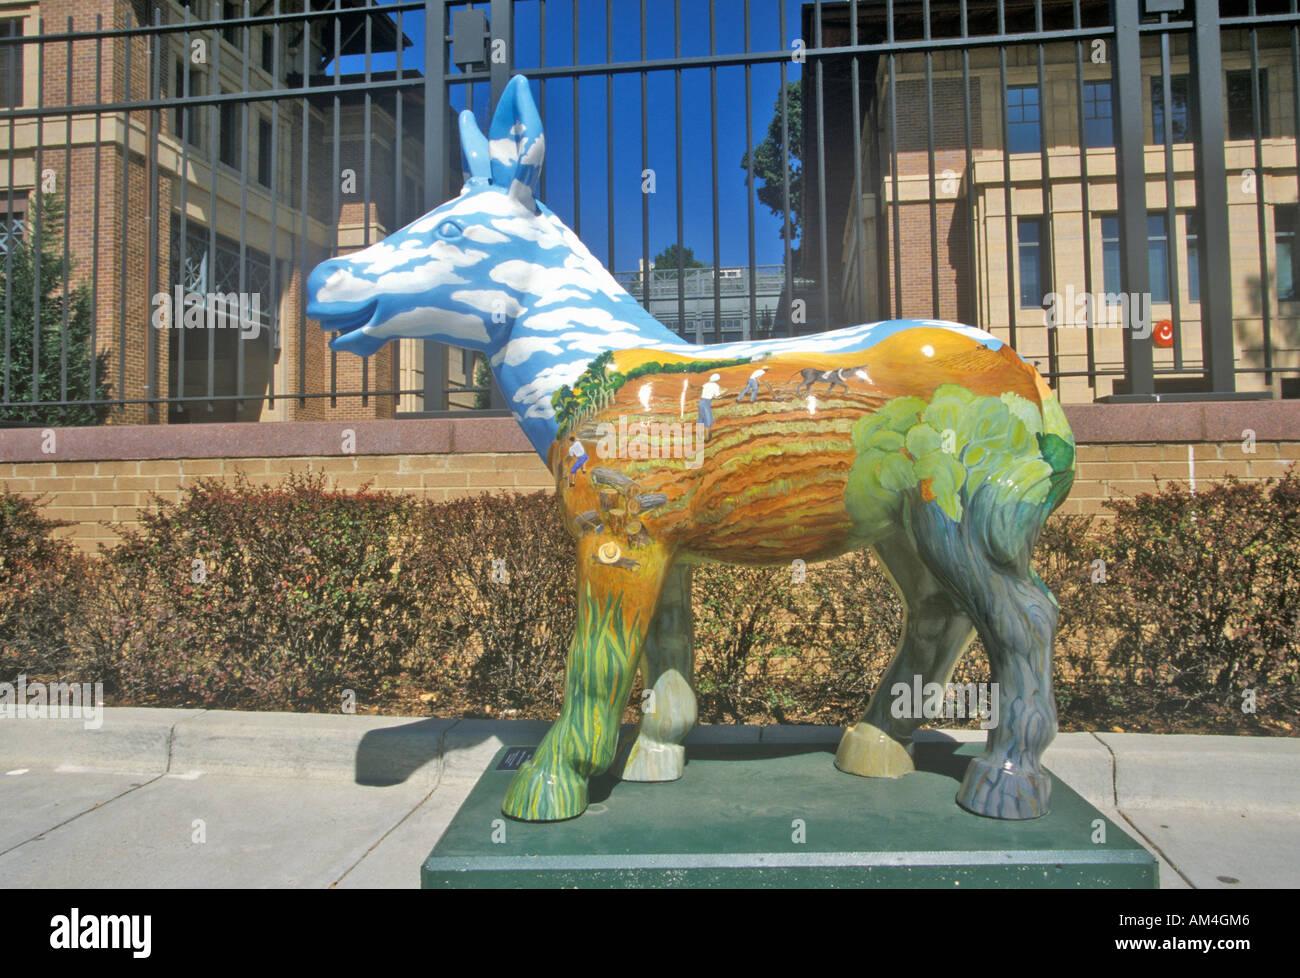 Democrat Donkey public art in Washington DC - Stock Image